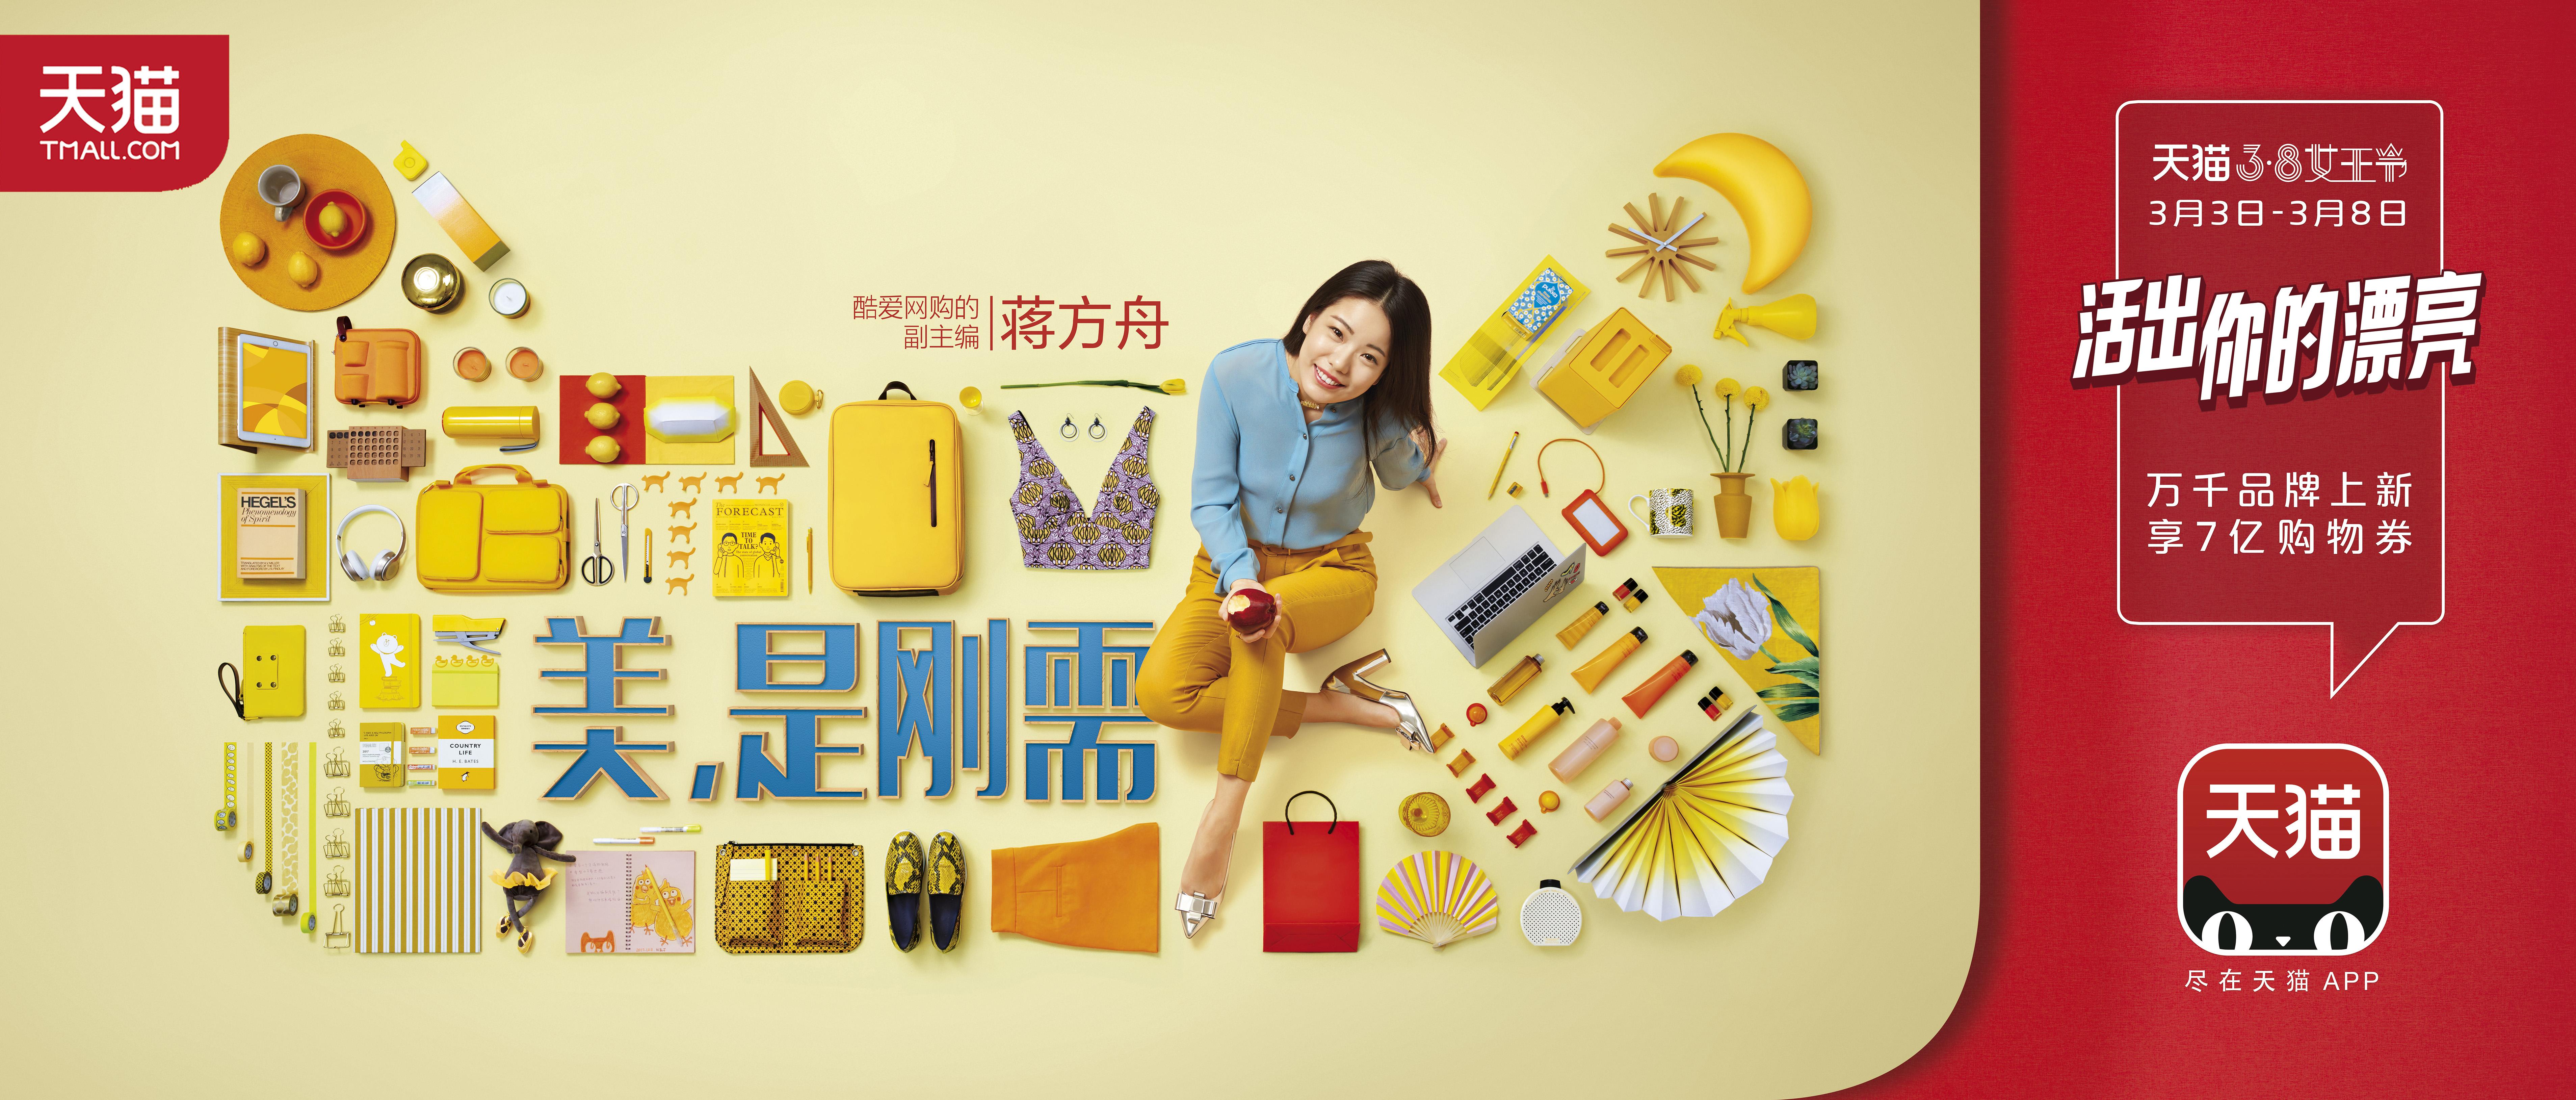 Tmall_Women's Day_JiangFangZhou